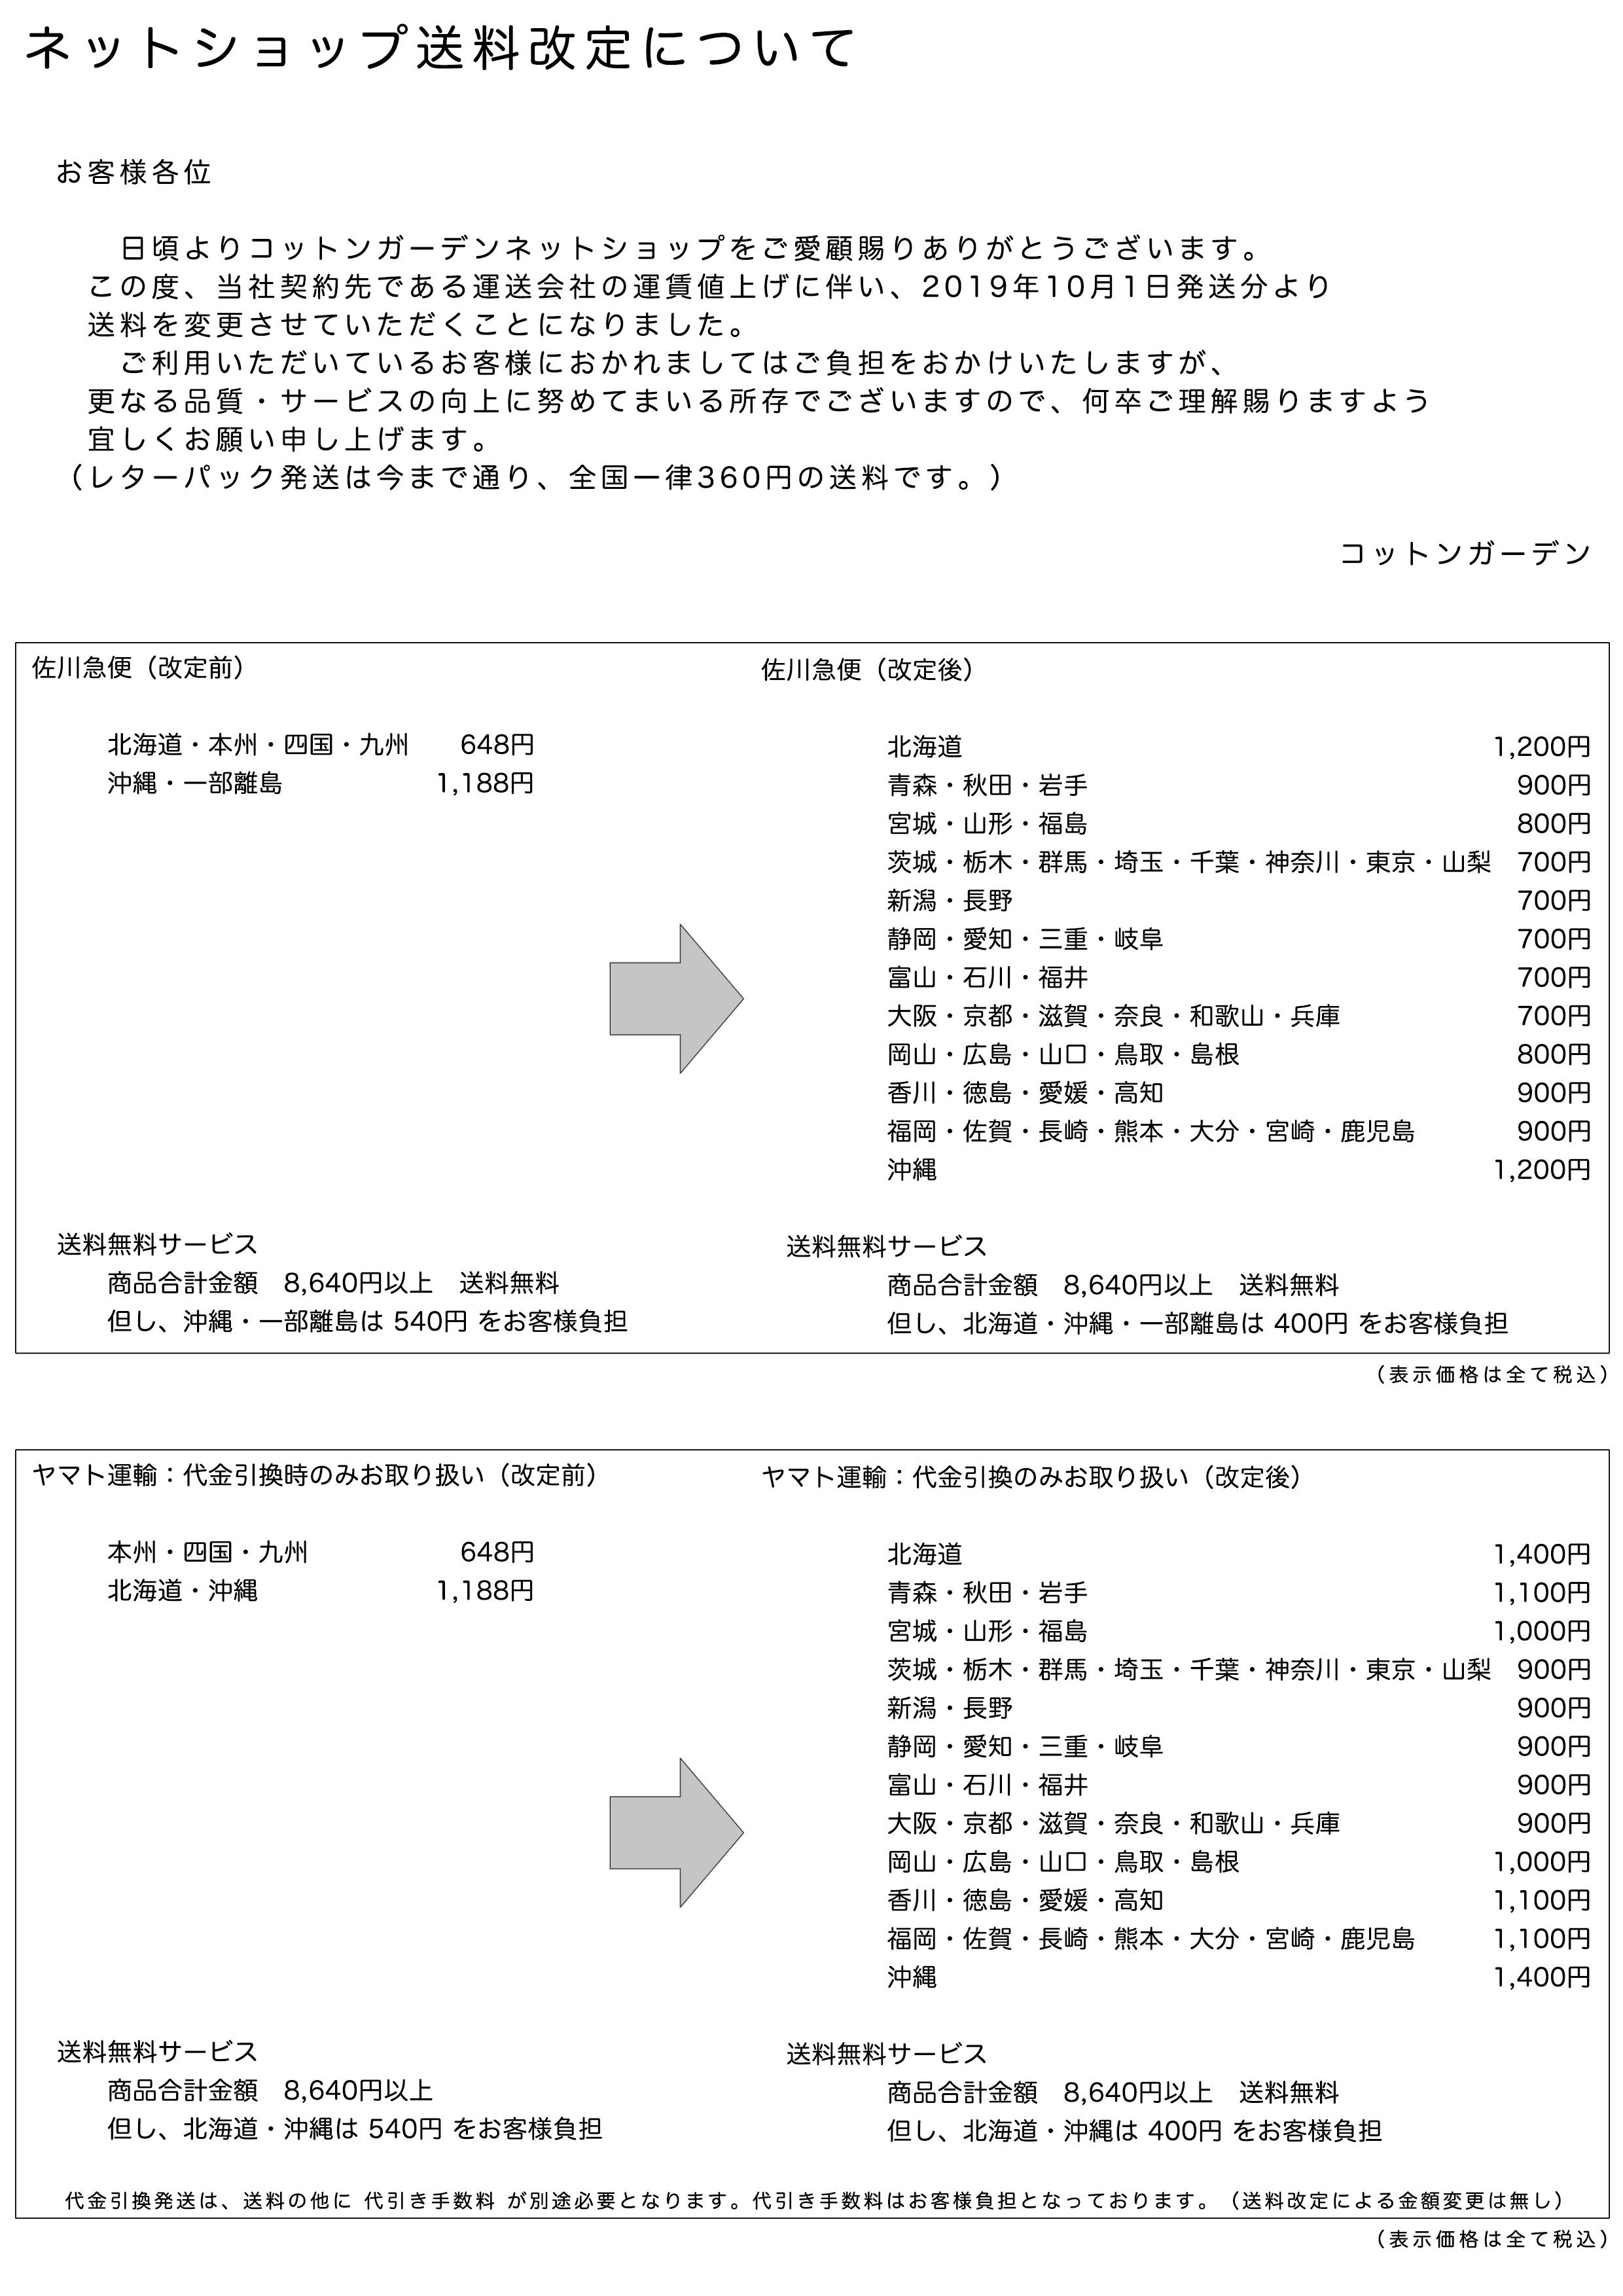 【重要】運送料金改定について パッチワーク専門店コットンガーデン